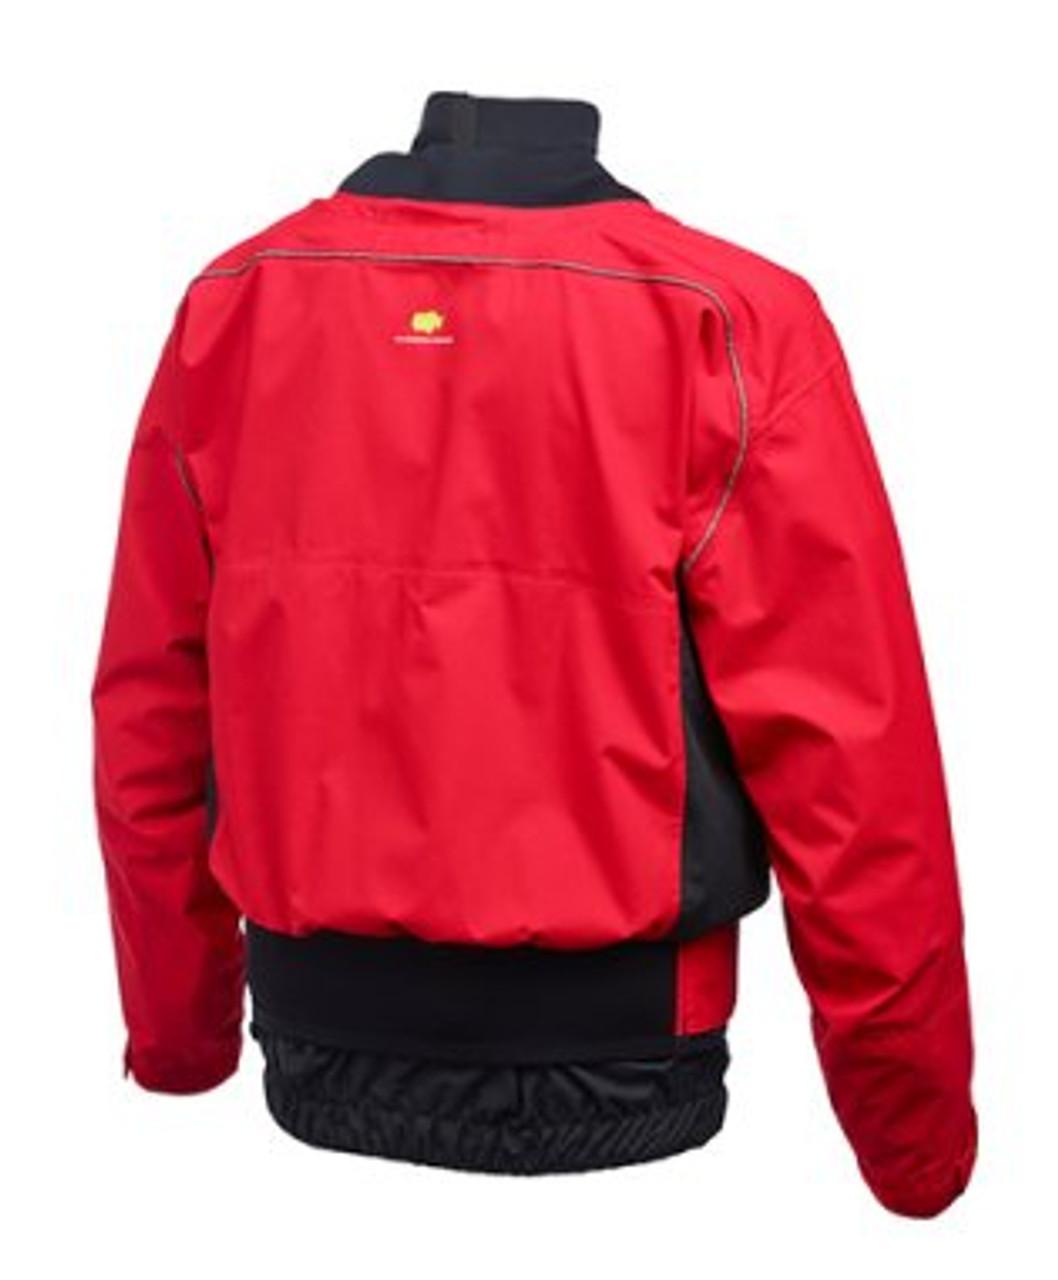 Yak paddling jacket